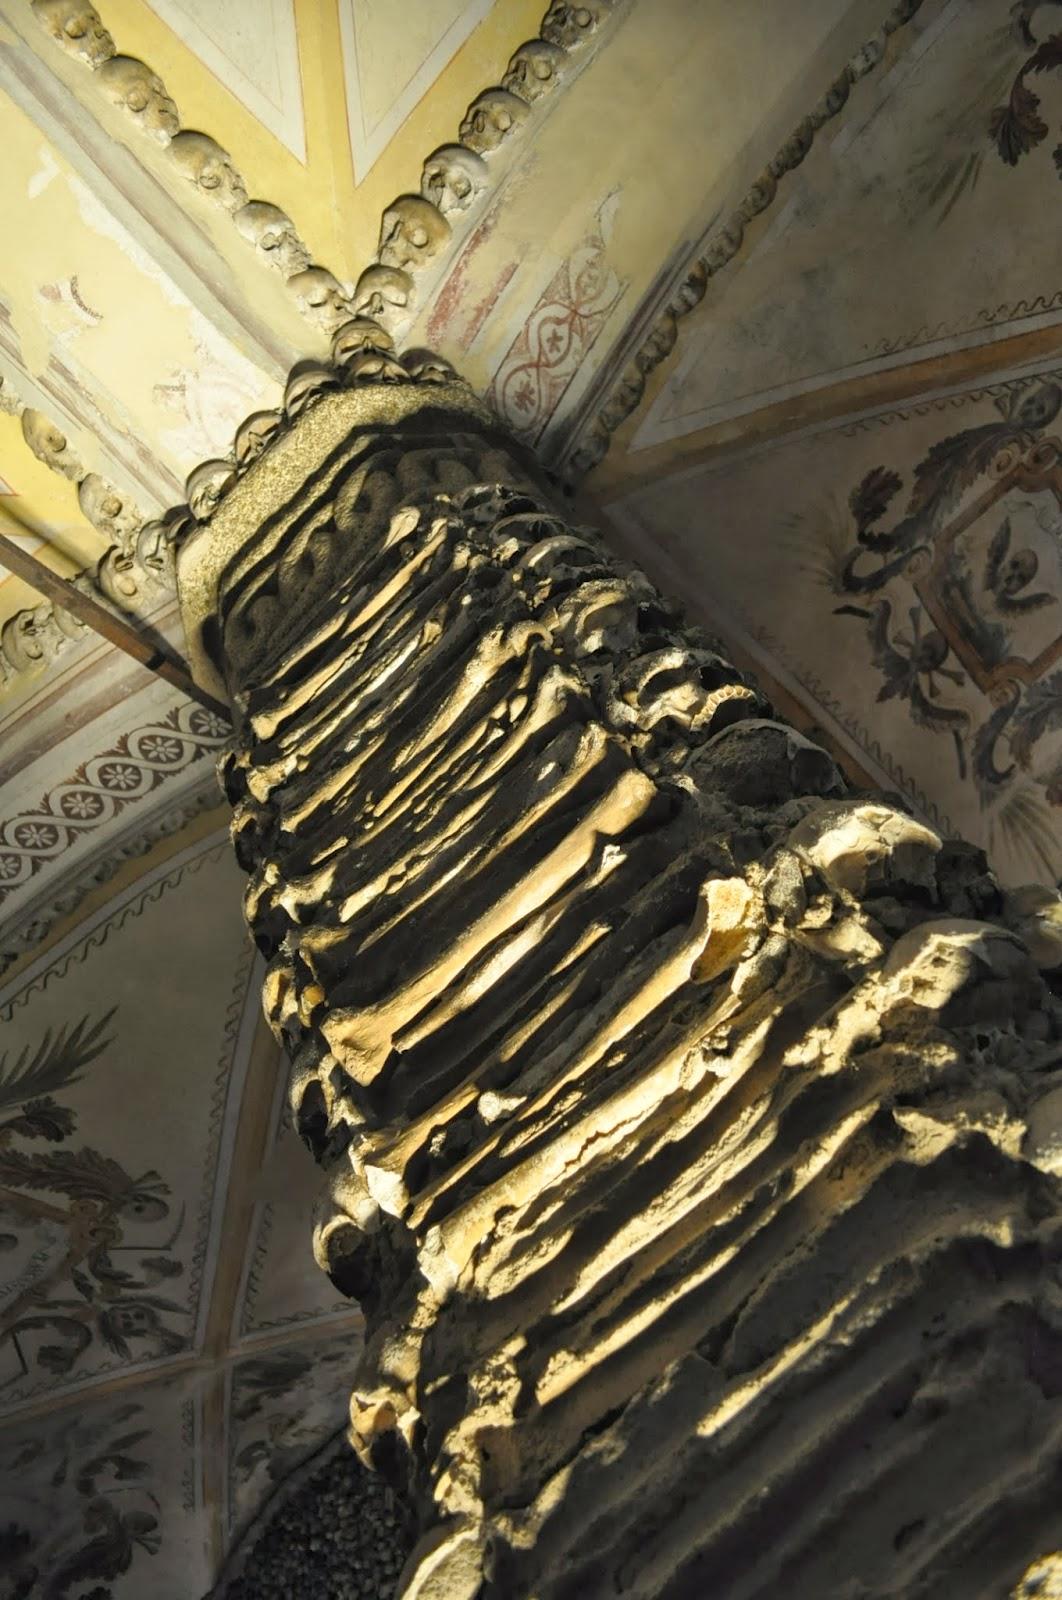 """""""Любопитна гледка"""" представлява висящата мумия на детенце. Интерес будят и колоните, изградени от подбедрени кости."""